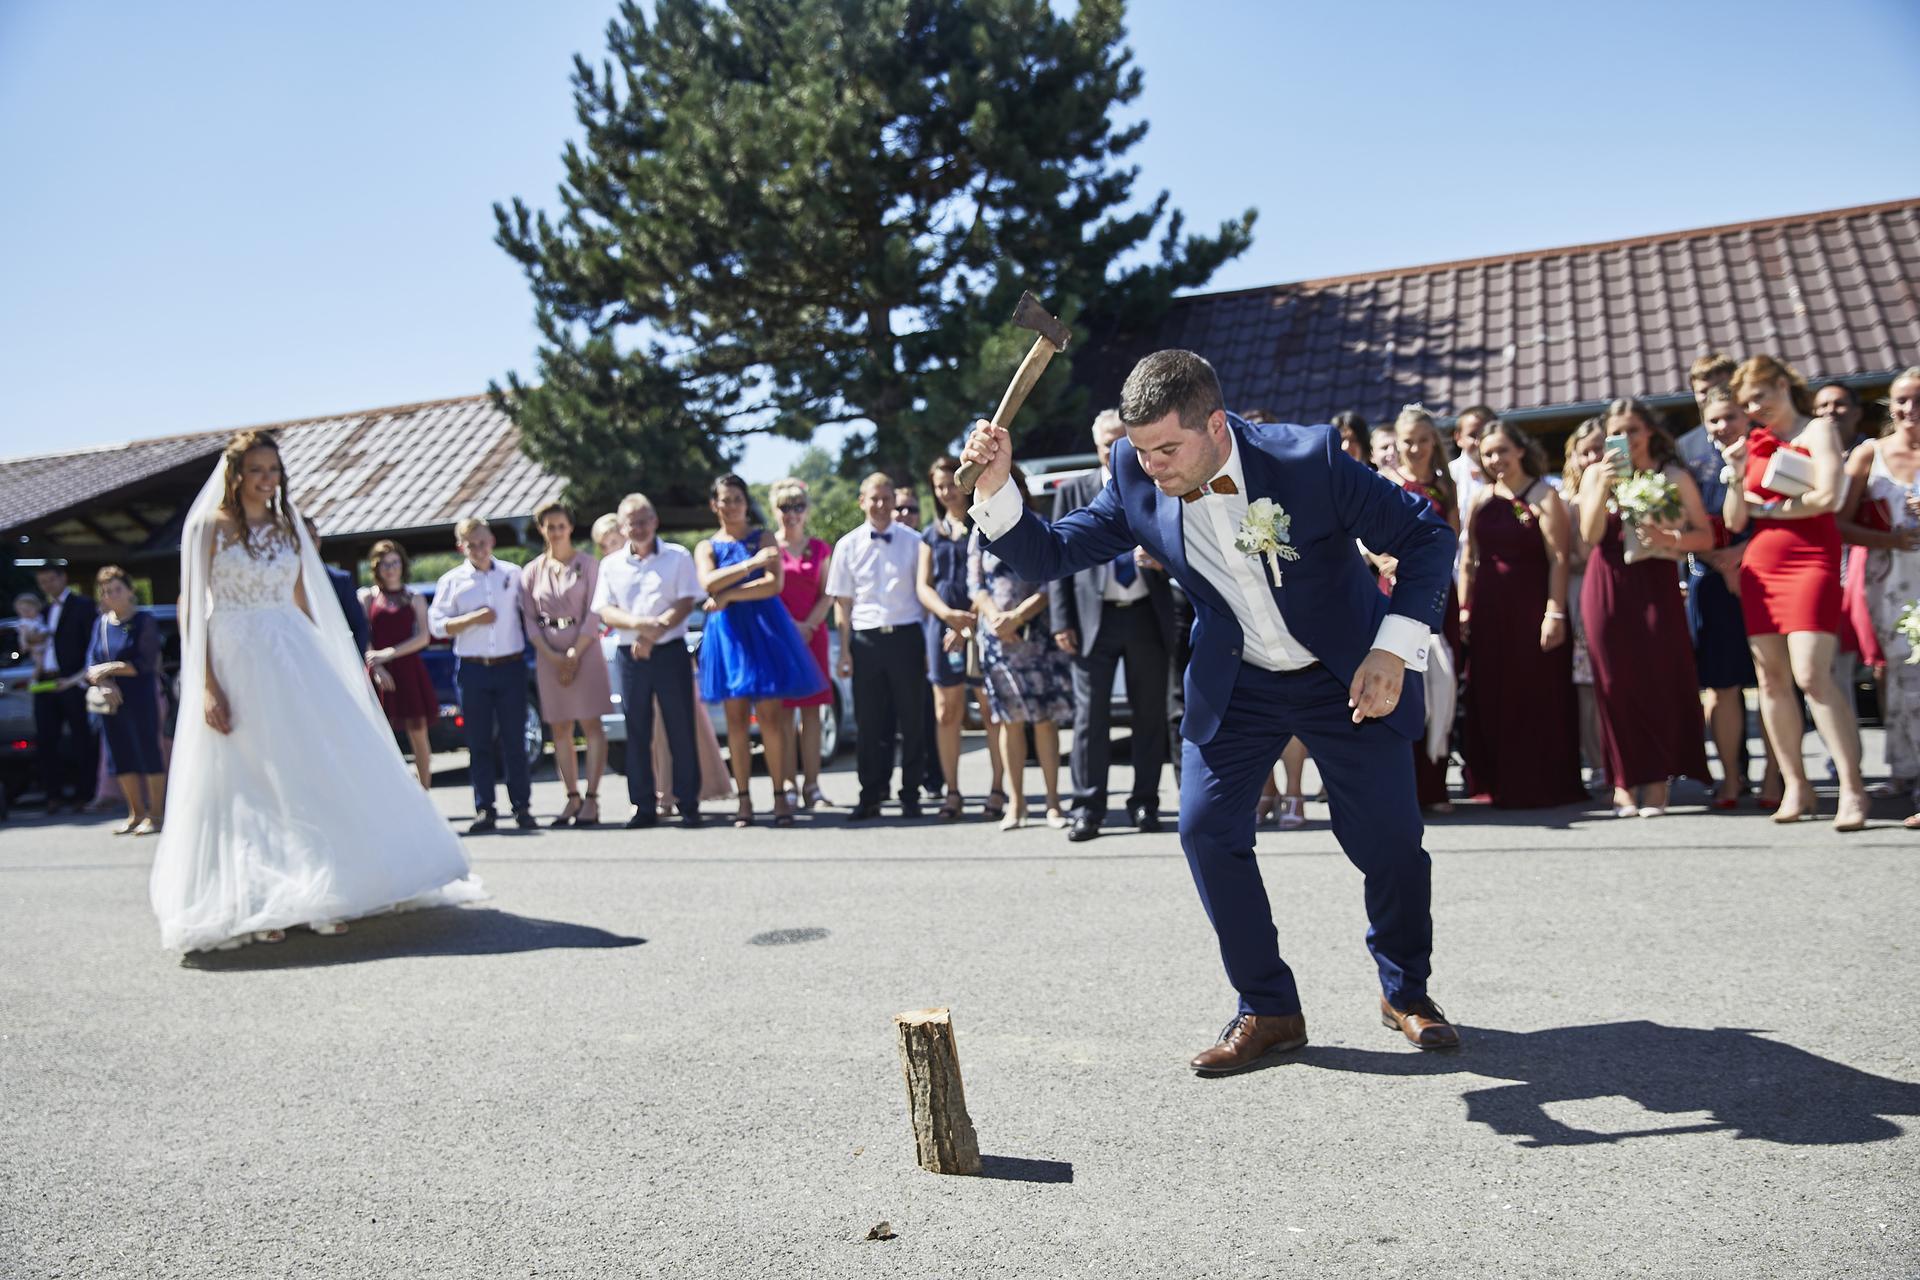 Naše slovácká svatba - ještě tradice...